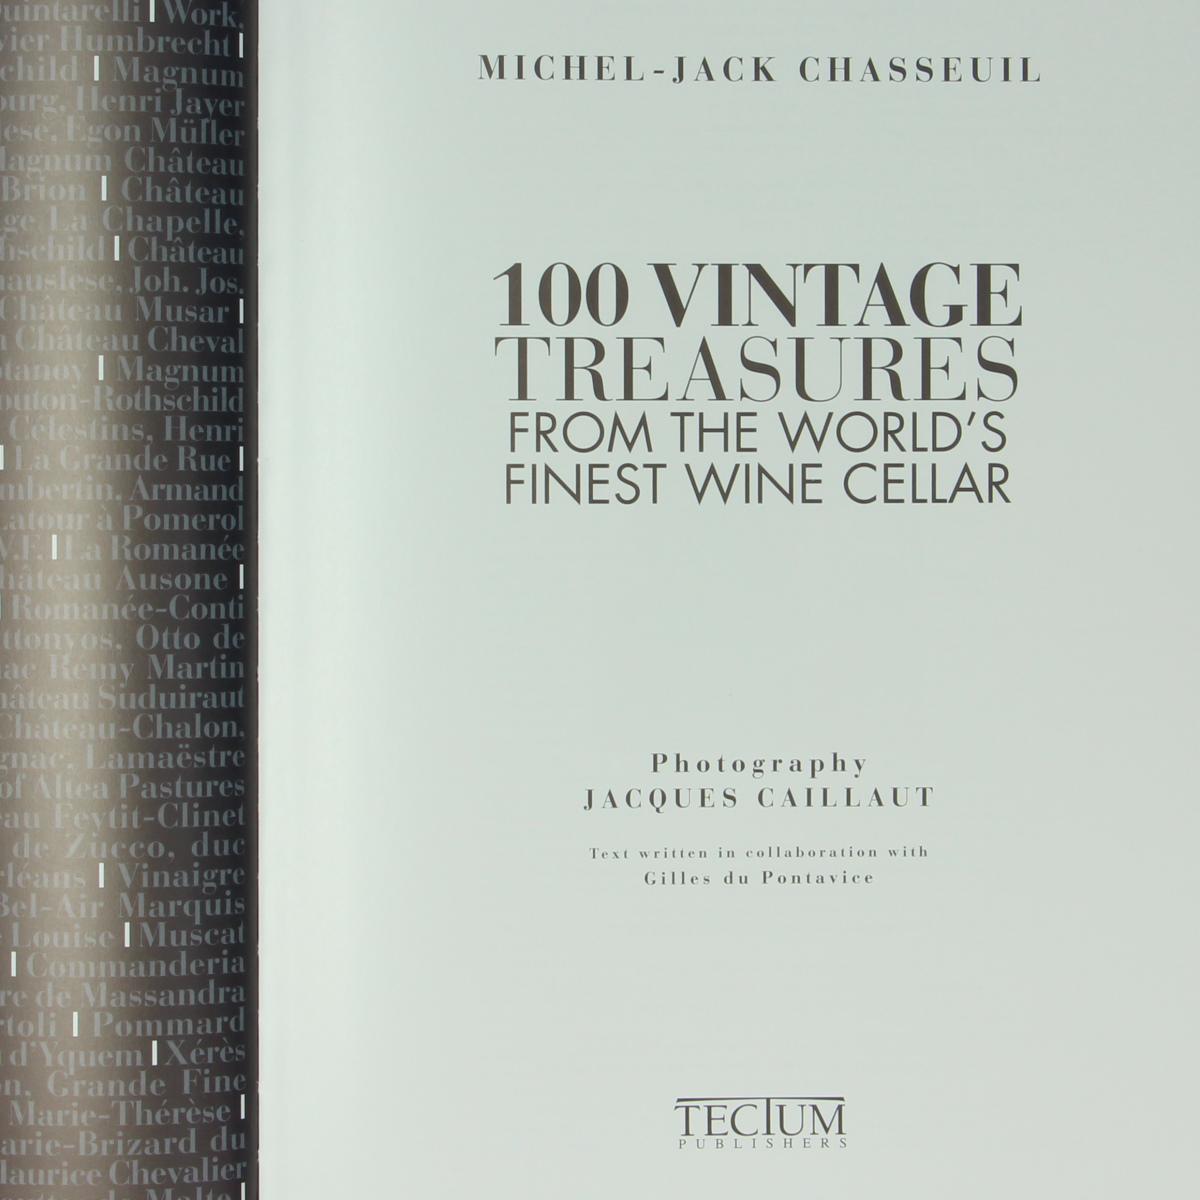 Afbeeldingen van 100 vintages treasures from the world's finest wine cellar. Boek